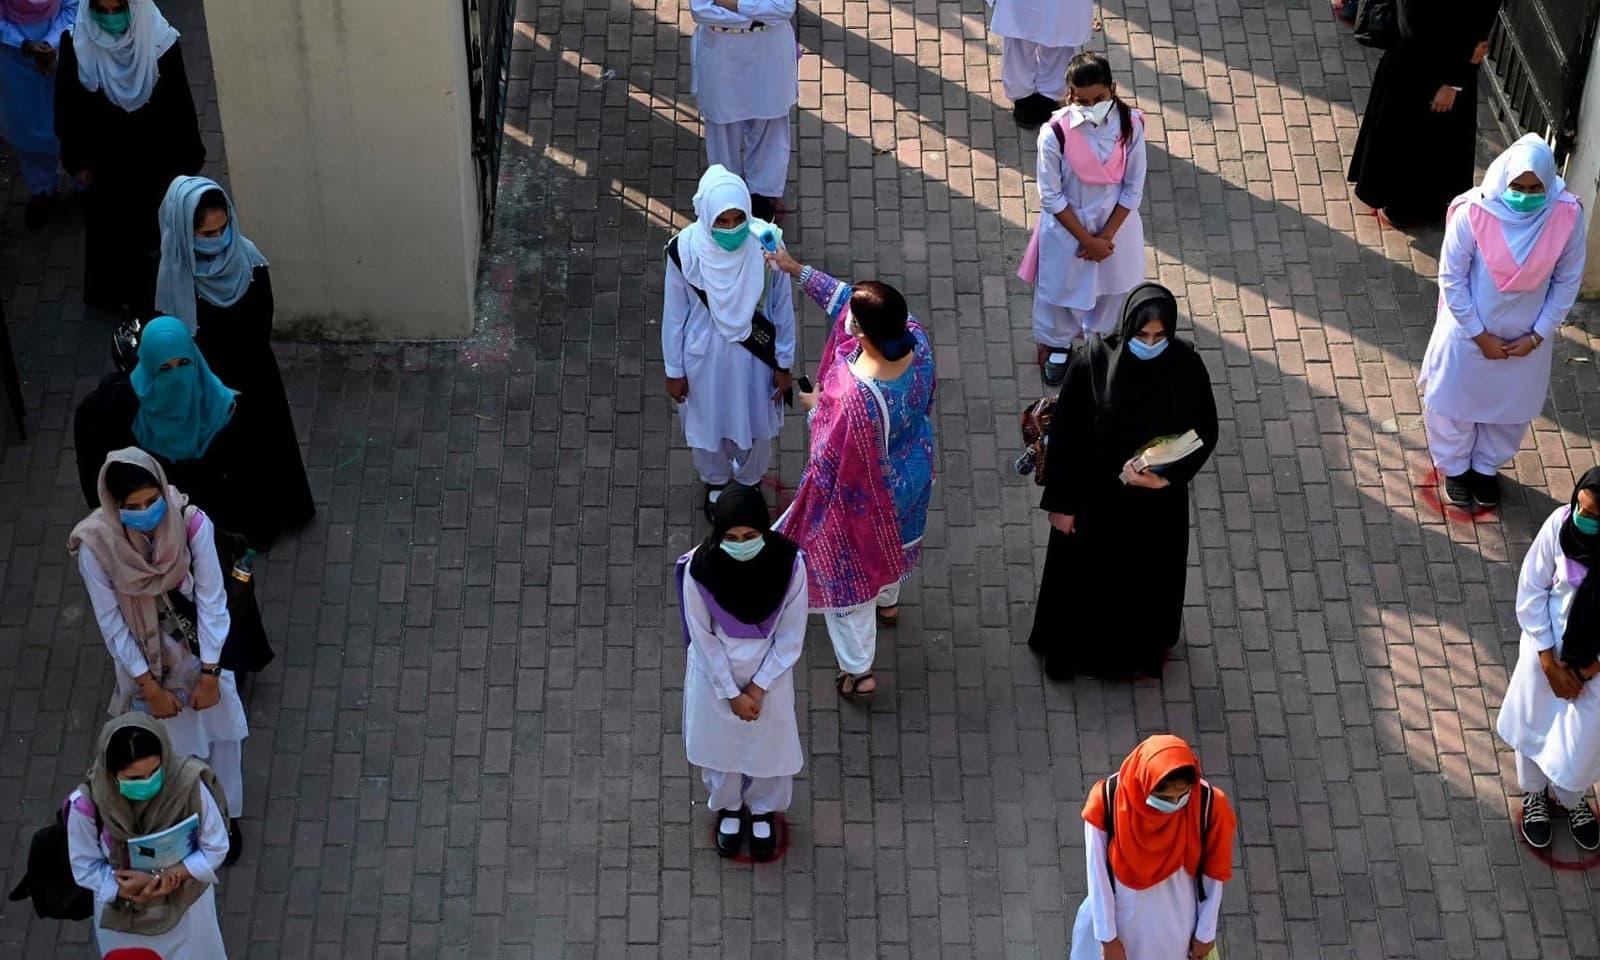 کورونا وائرس کی وجہ سے مارچ میں ملک کے تمام تعلیمی ادارے بند کردیے گئے تھے — فوٹو: اے ایف پی